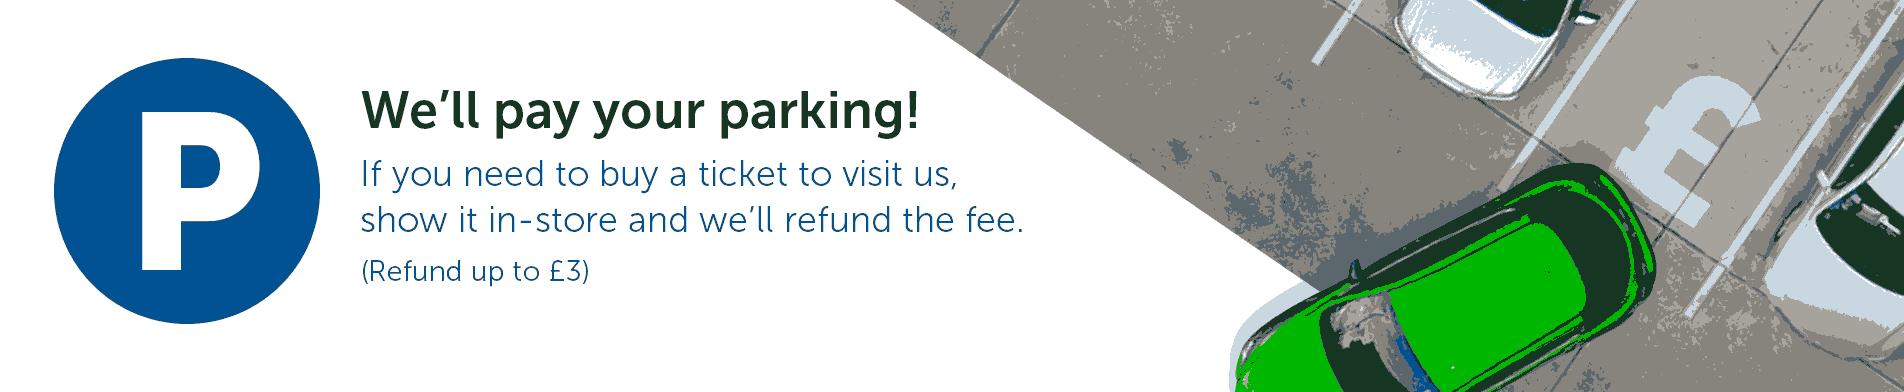 parking refund